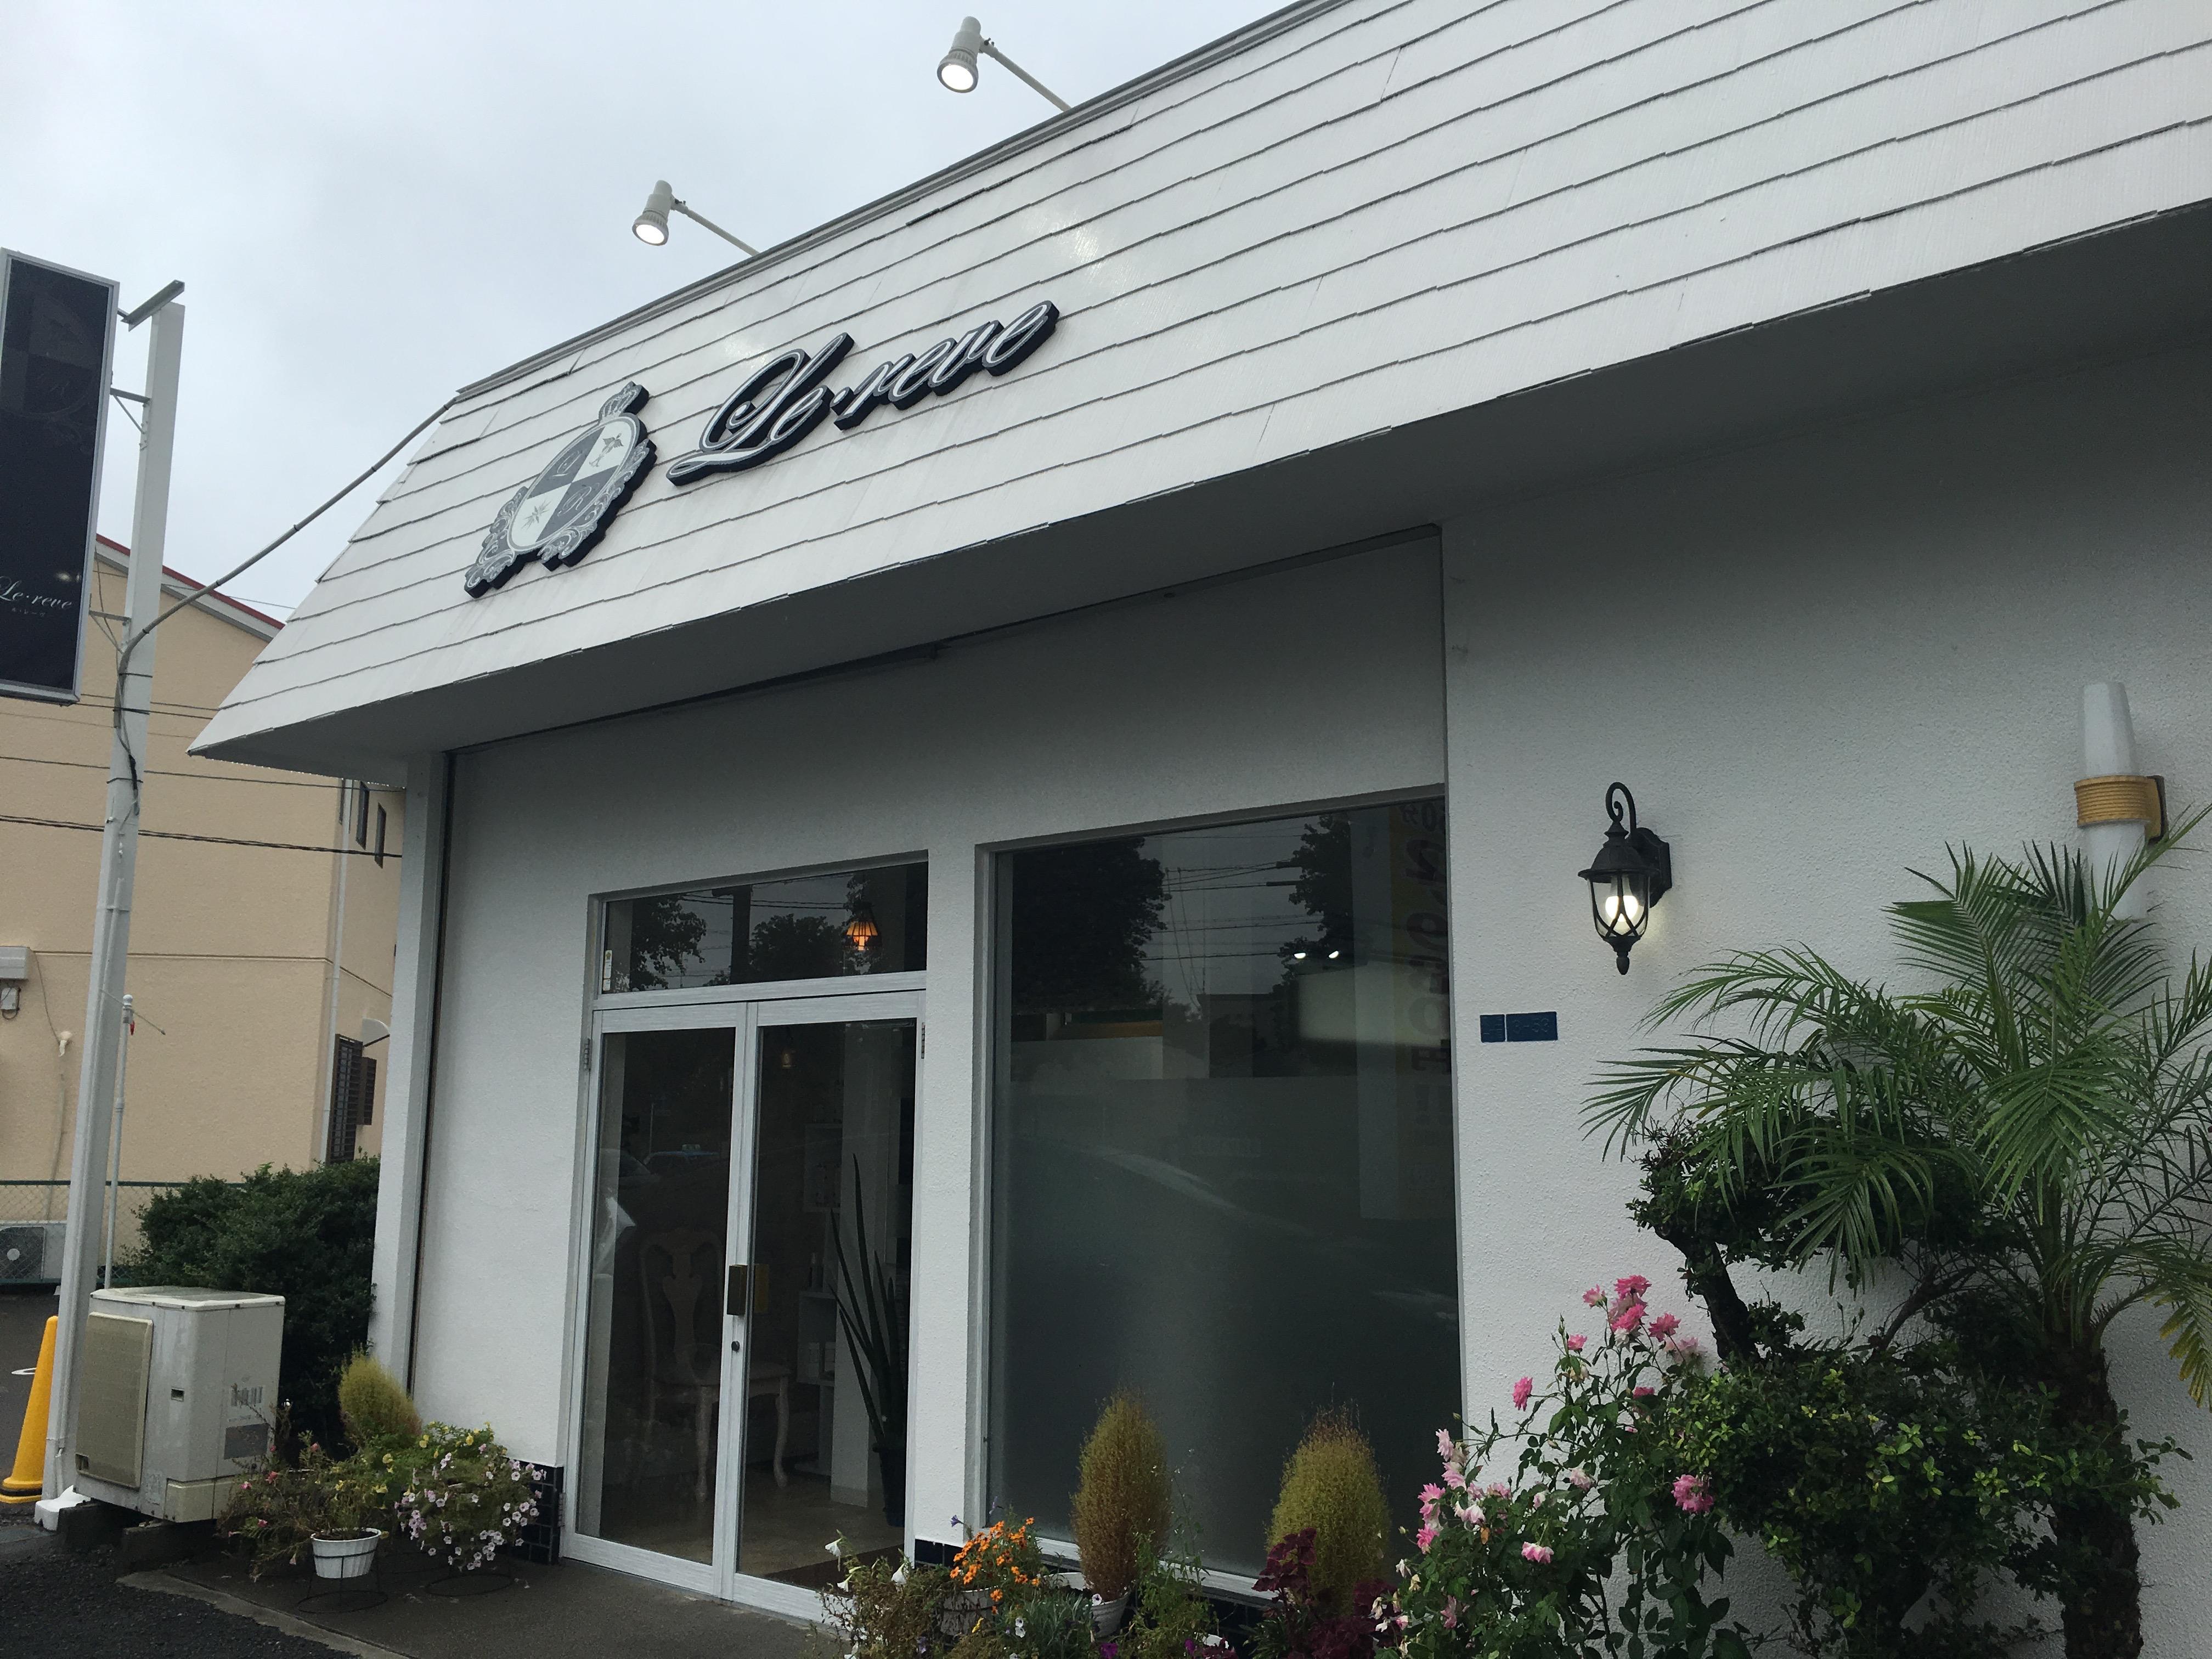 ル・レーヴ(Le・reve)萩丘店